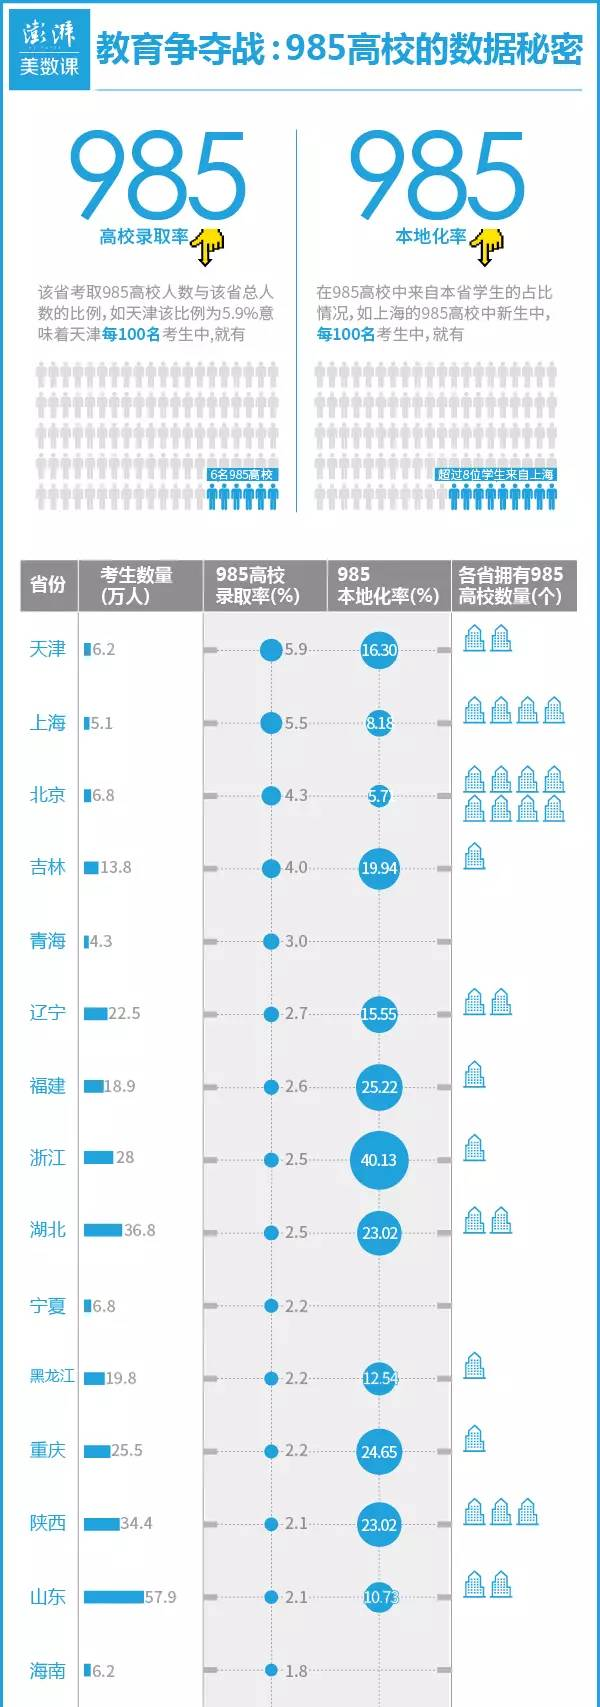 【高考必参】2016年高考:各省市985高校录取